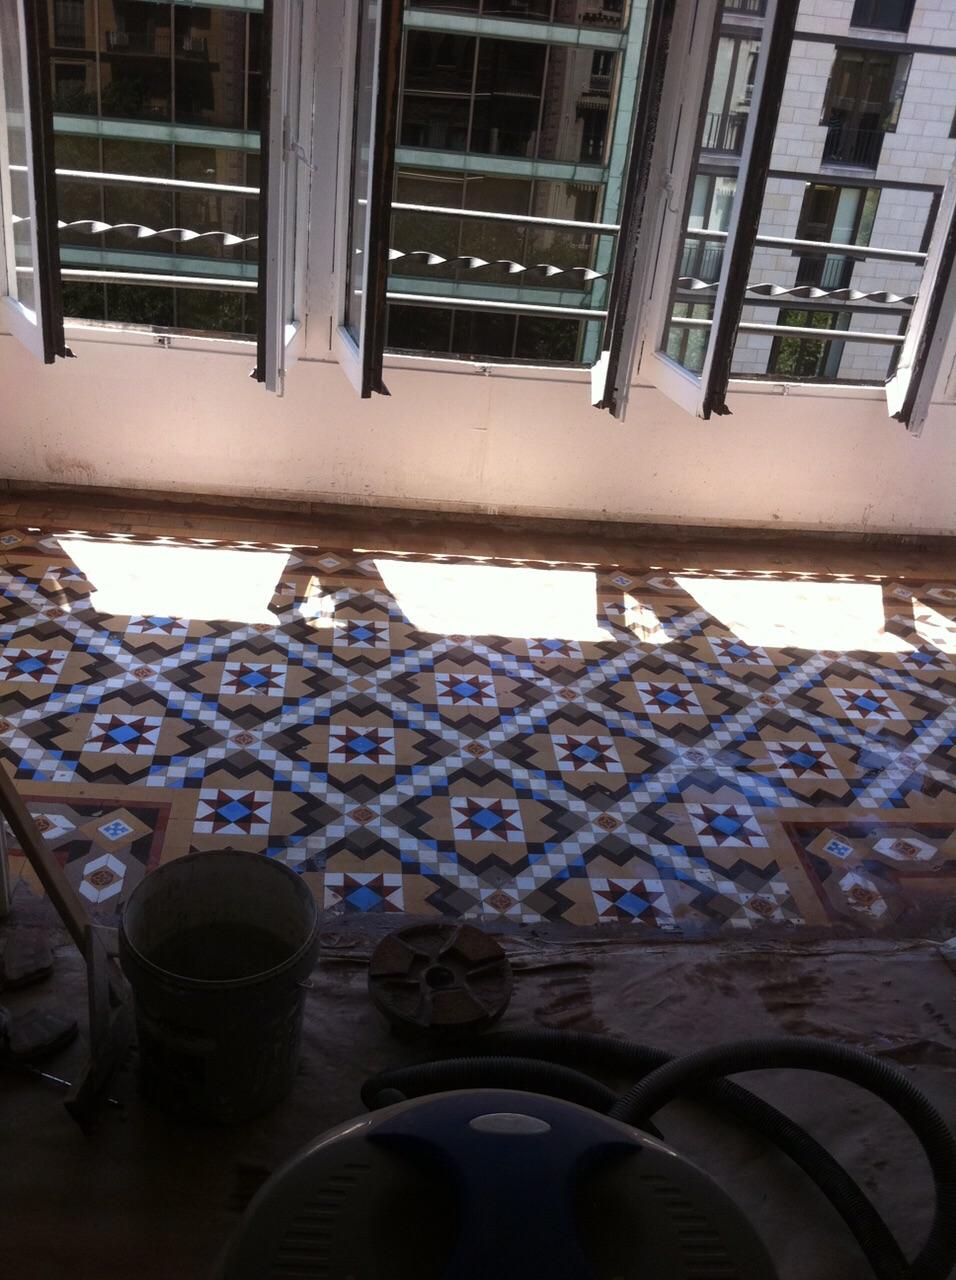 MosaicosBarcelona |Pulido de suelos en mosaico nolla en Barcelona